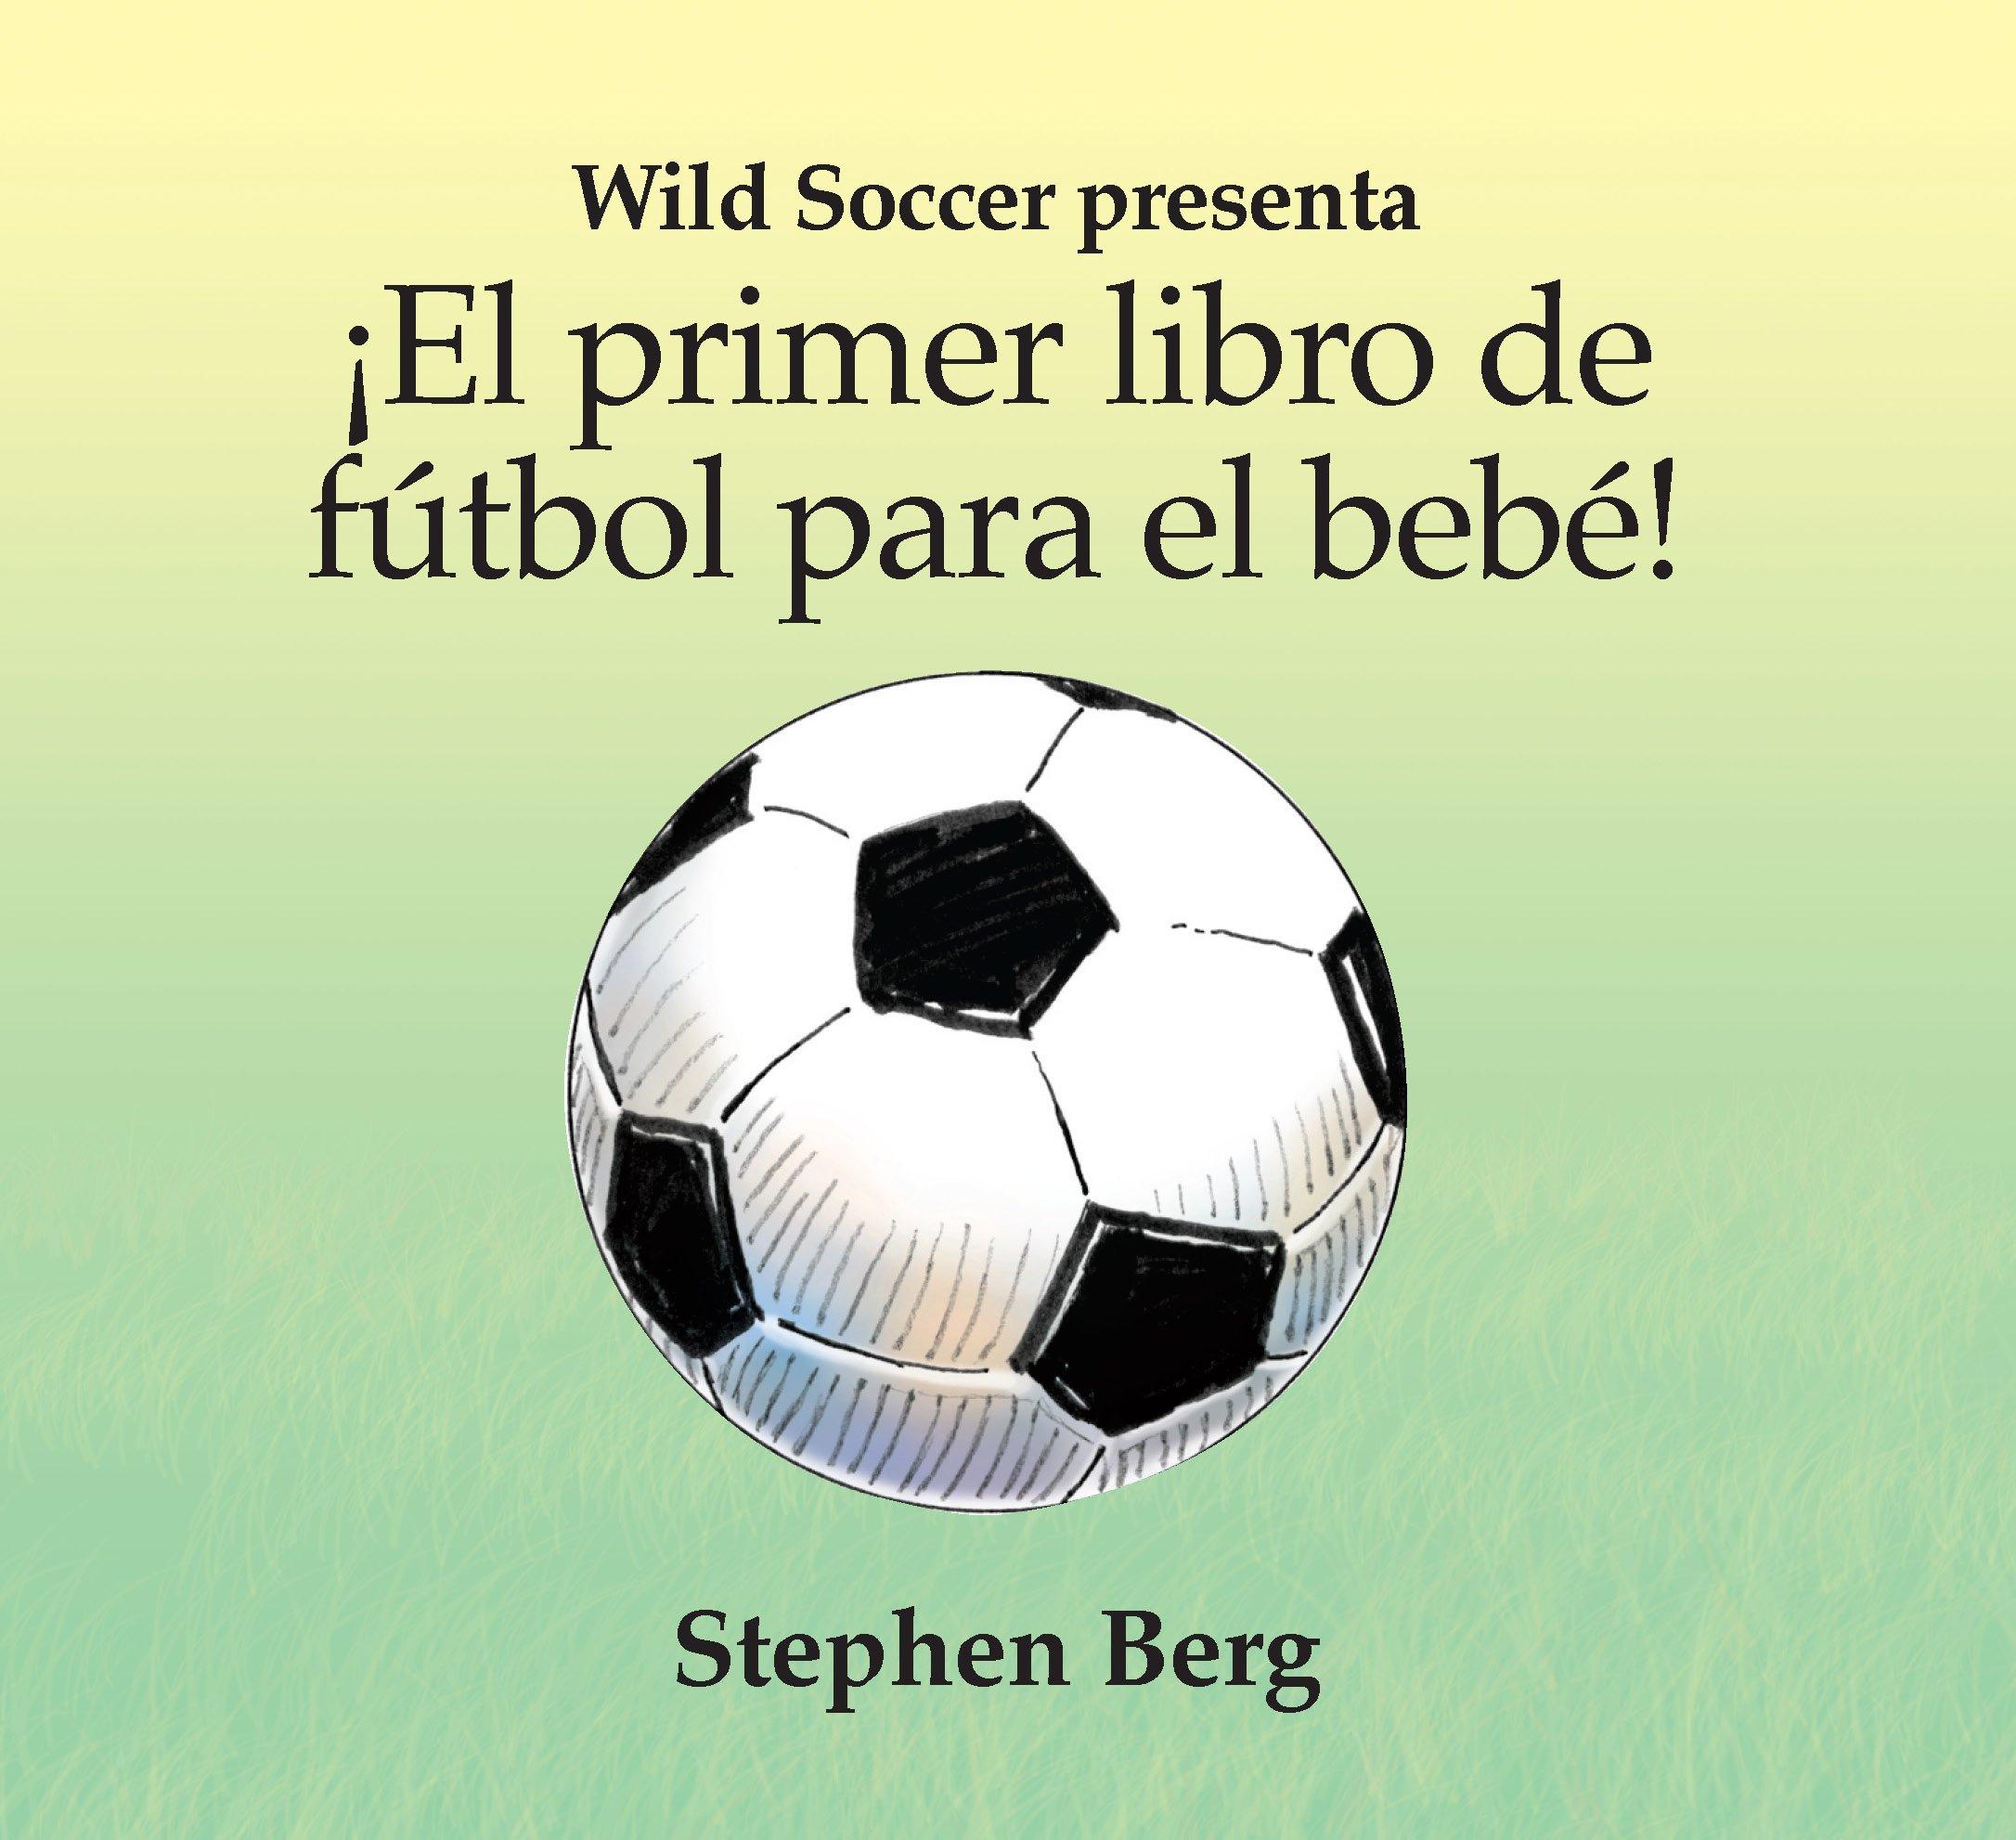 ¡El primer libro de fútbol para el bebé! / Baby's first soccer! (Wild Soccer) (Spanish Edition)